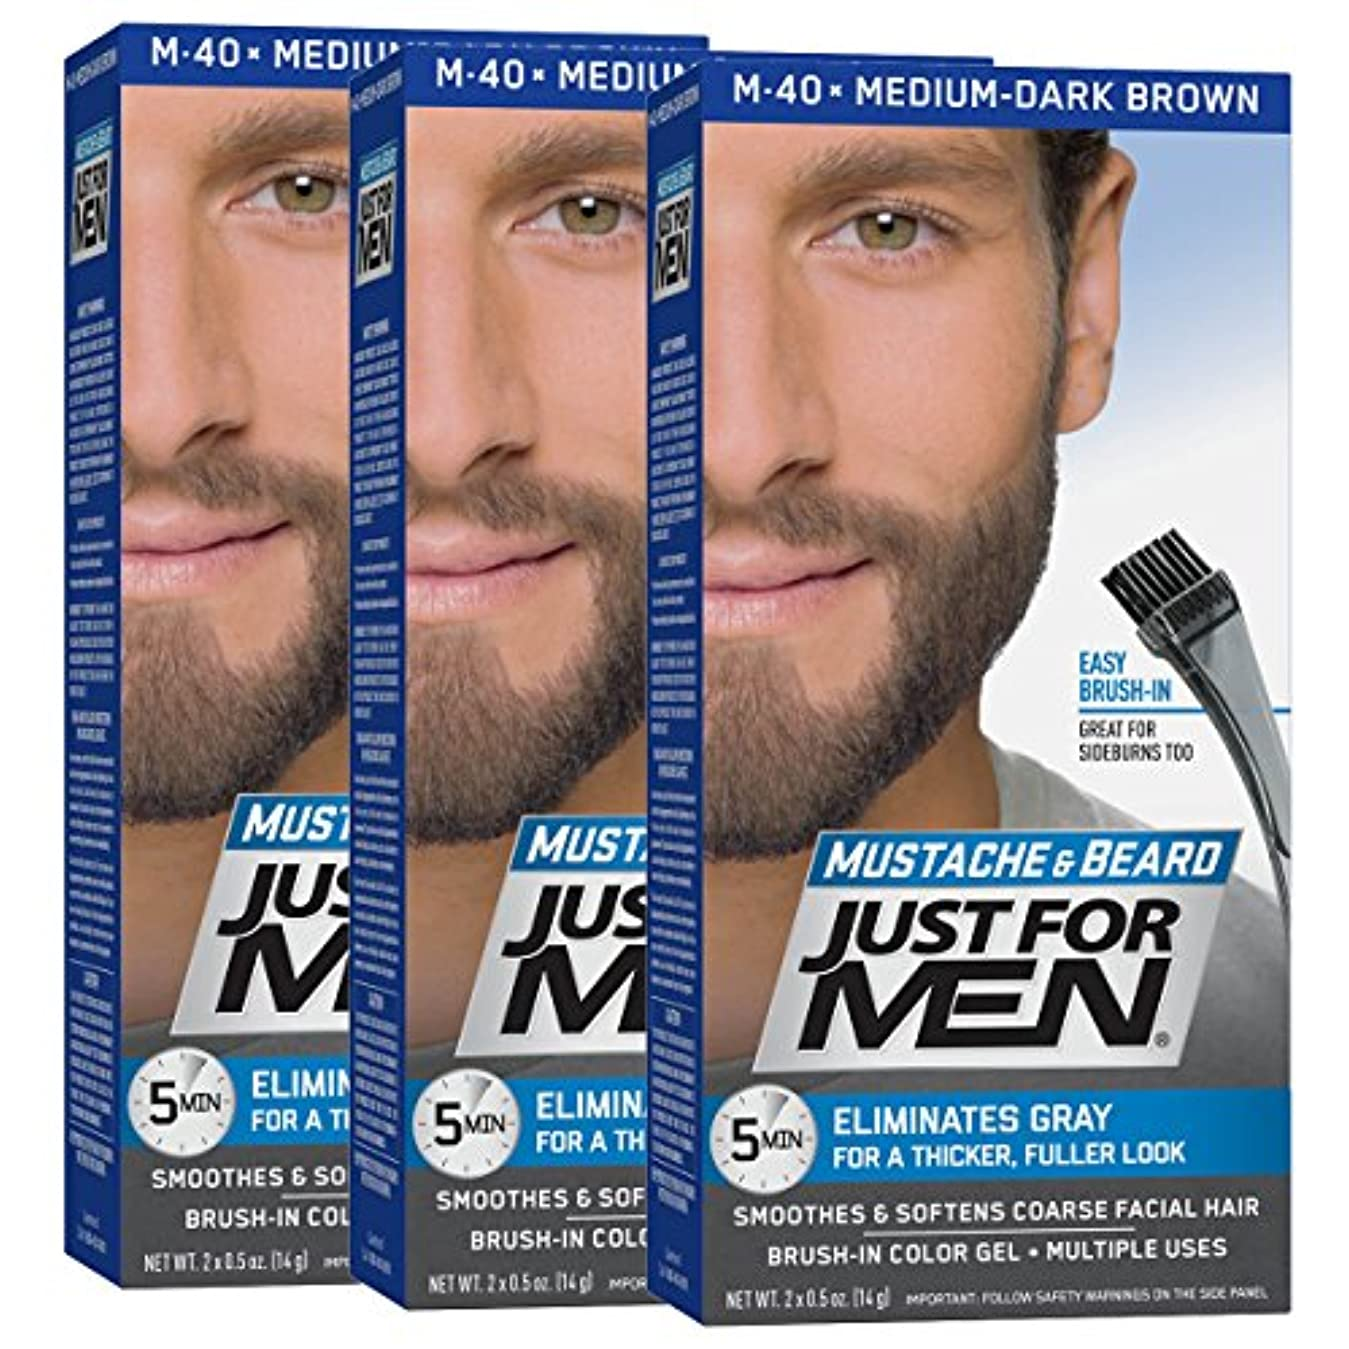 下に酸度ペンスJust for Men 口ひげ&髭ブラシ-のカラージェル、ミディアム?ダークブラウン(3パック、パッケージングは??変更になる場合があります) 3 05ミディアム、ダークブラウン